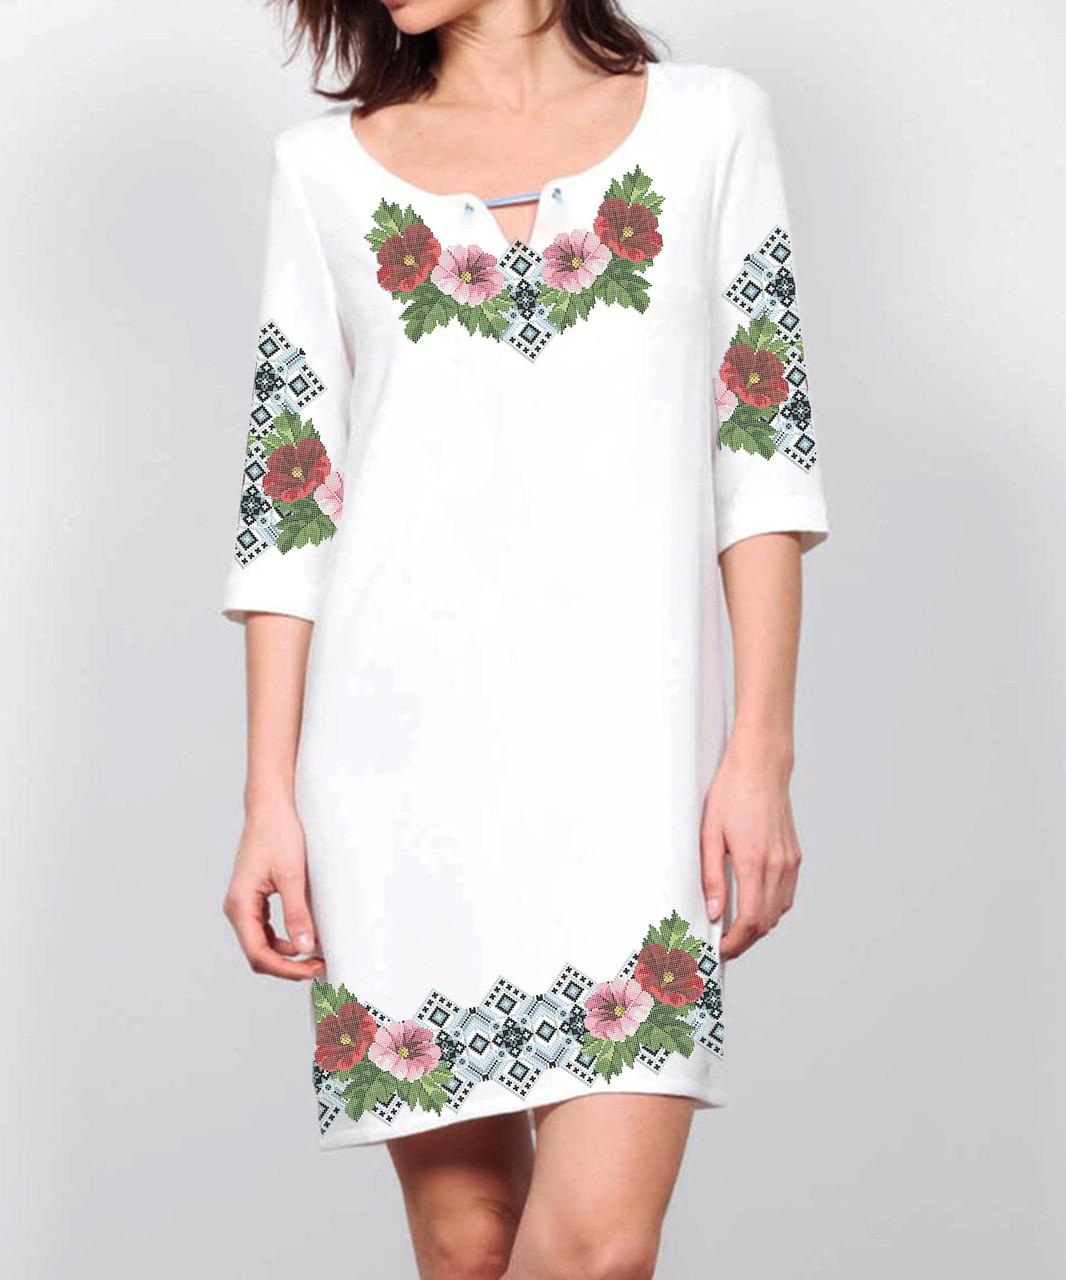 Заготовка женского платья для вышивки / вышивания бисером / ниткой «Мальви в орнаменті»